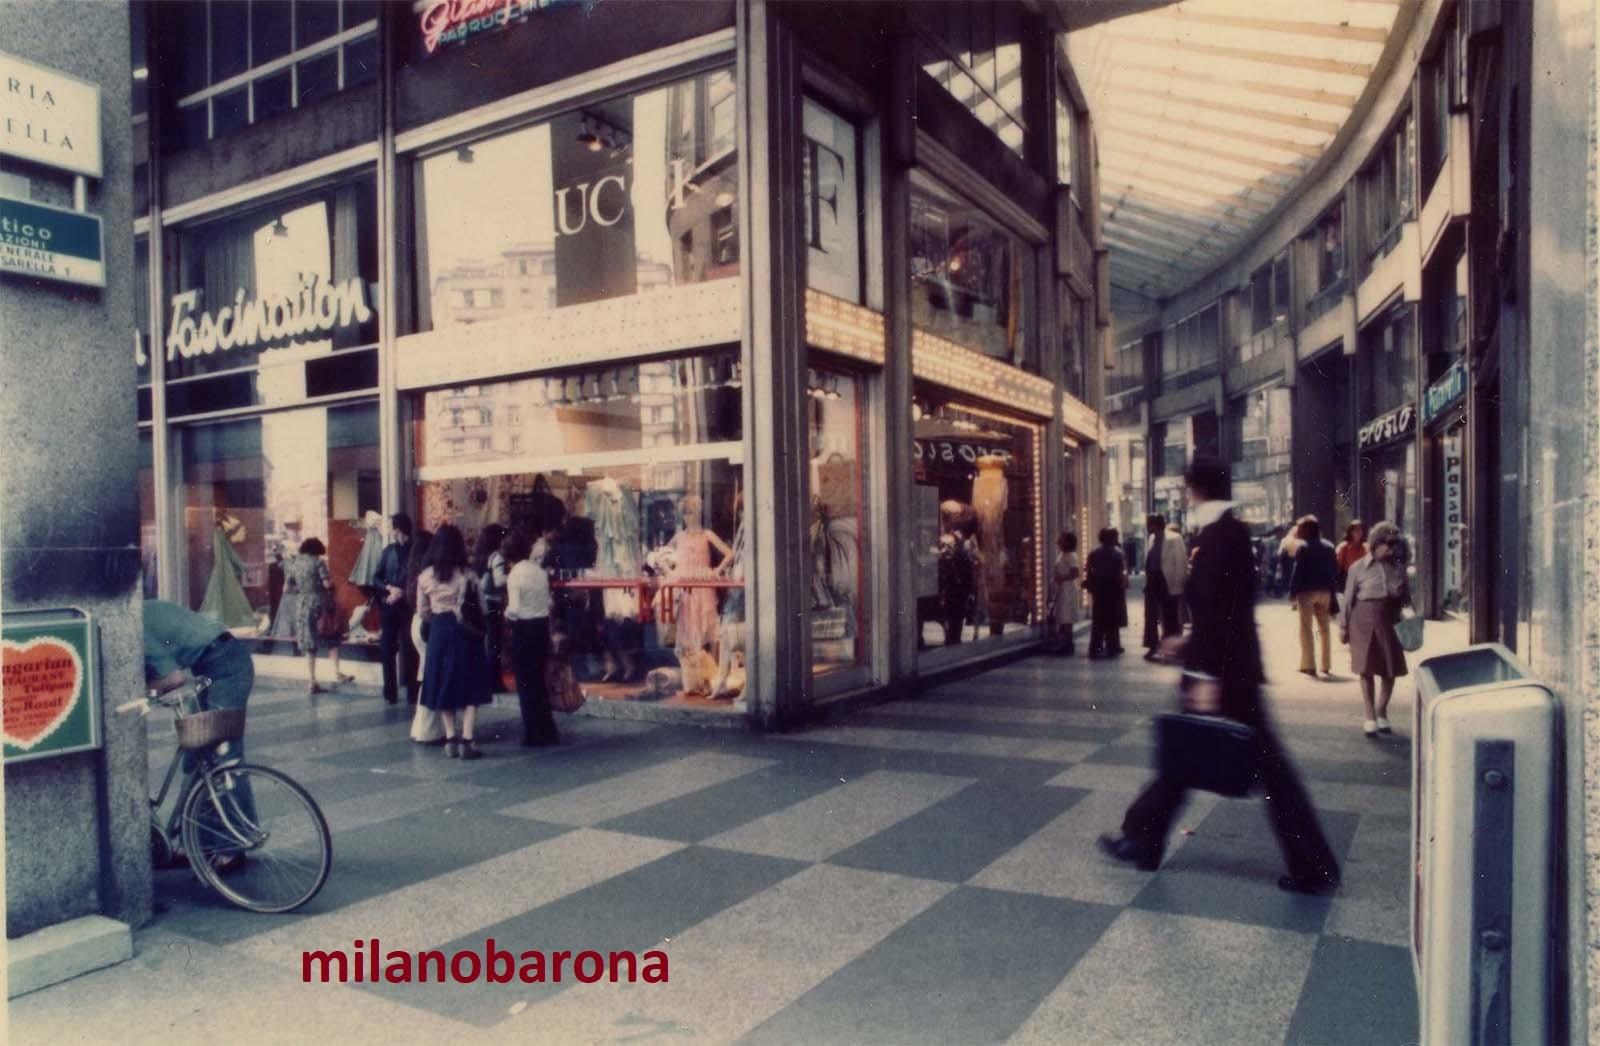 Milano 1967. Galleria Passarella Piazza San Babila. Negozio Fiorucci